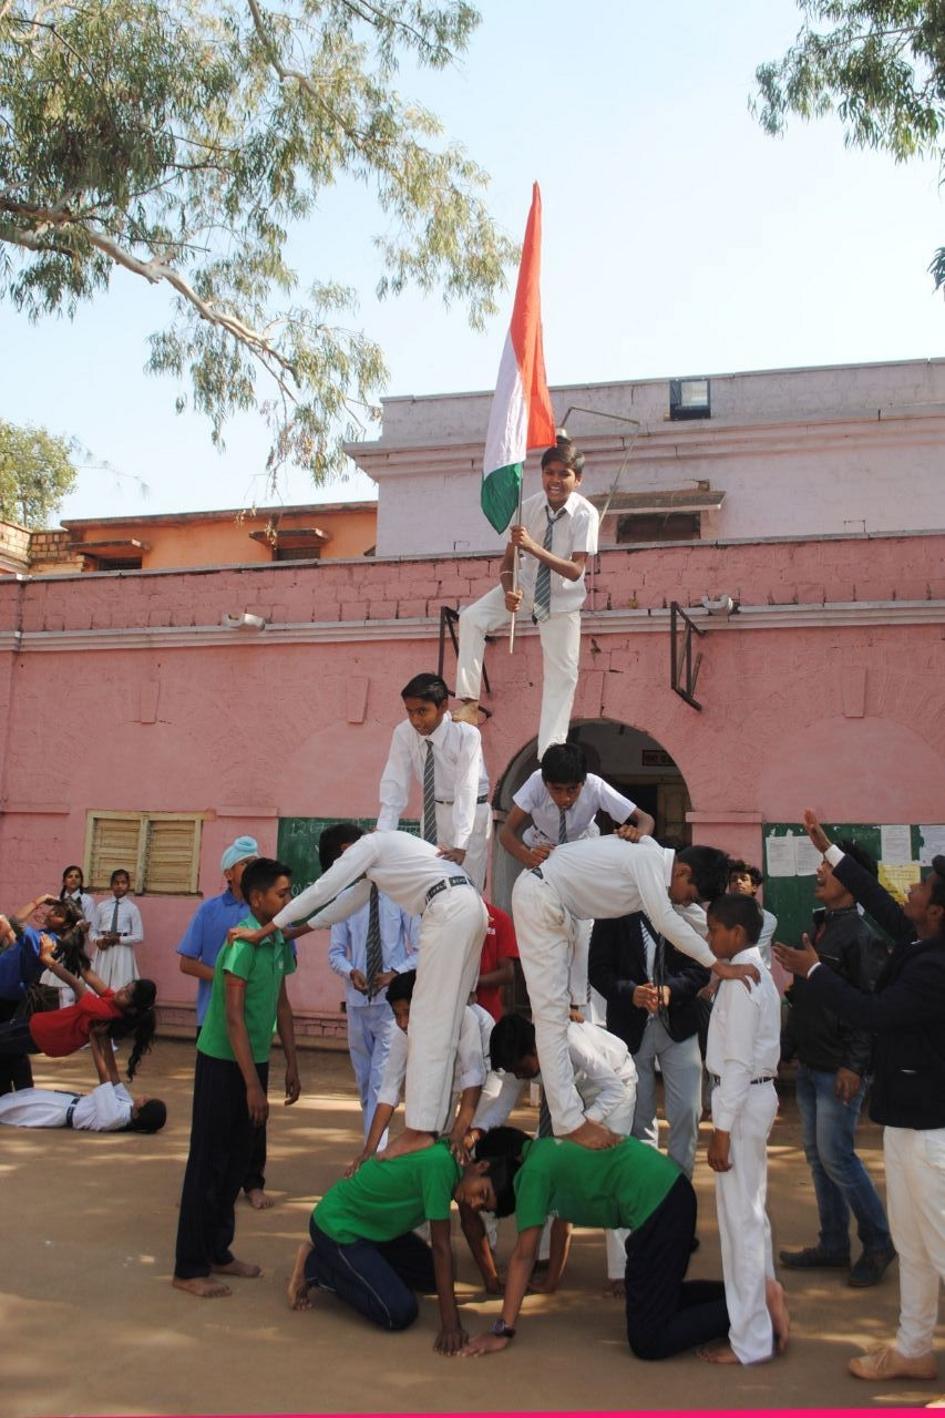 गणतंत्र दिवस पर शिवपुरी के लिए अलग होगा सीएम का संदेश ...